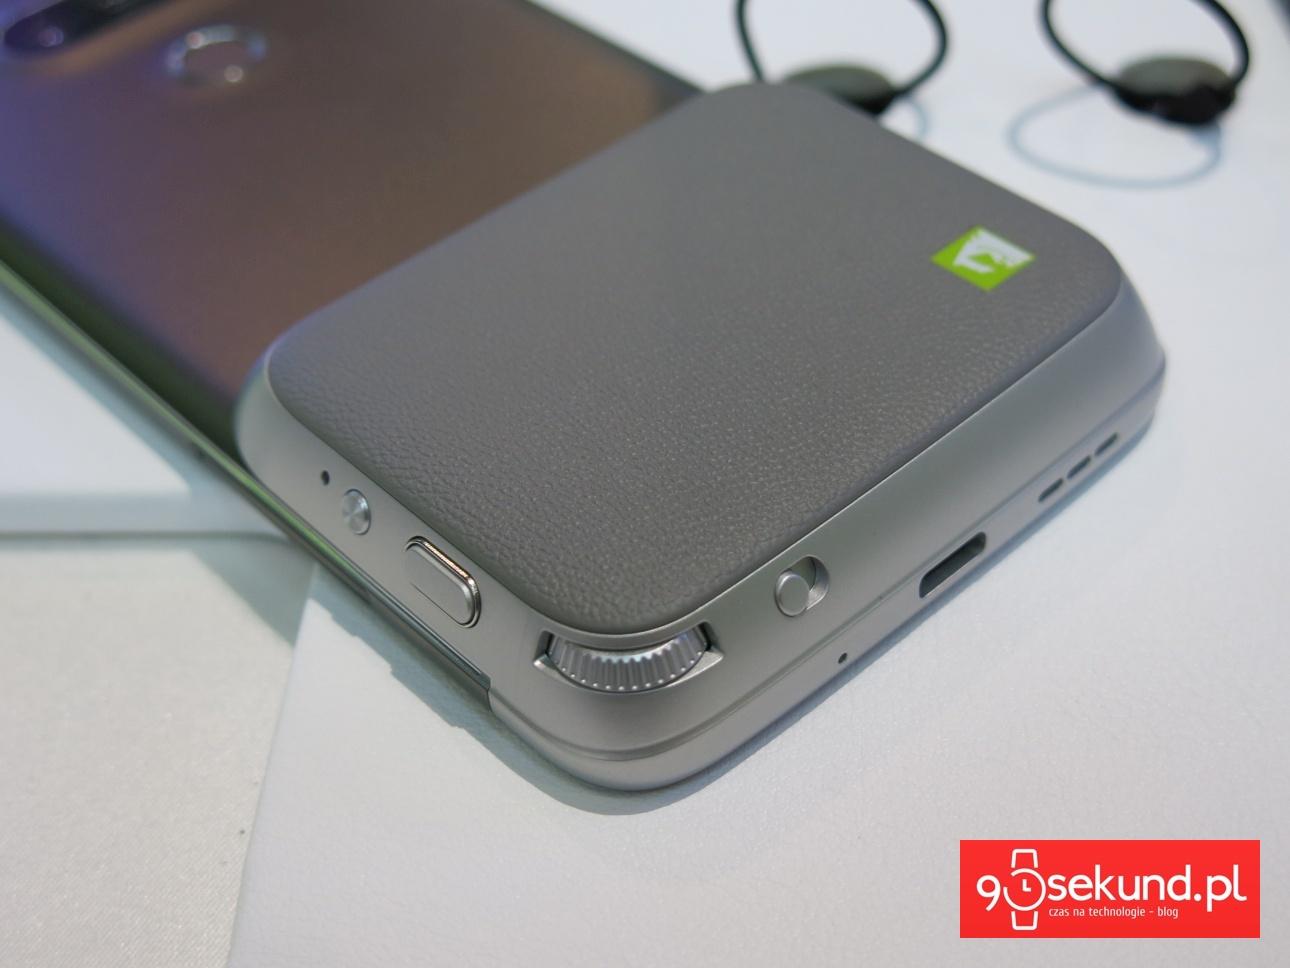 LG Cam Plus - MWC2016 - 90sekund.pl